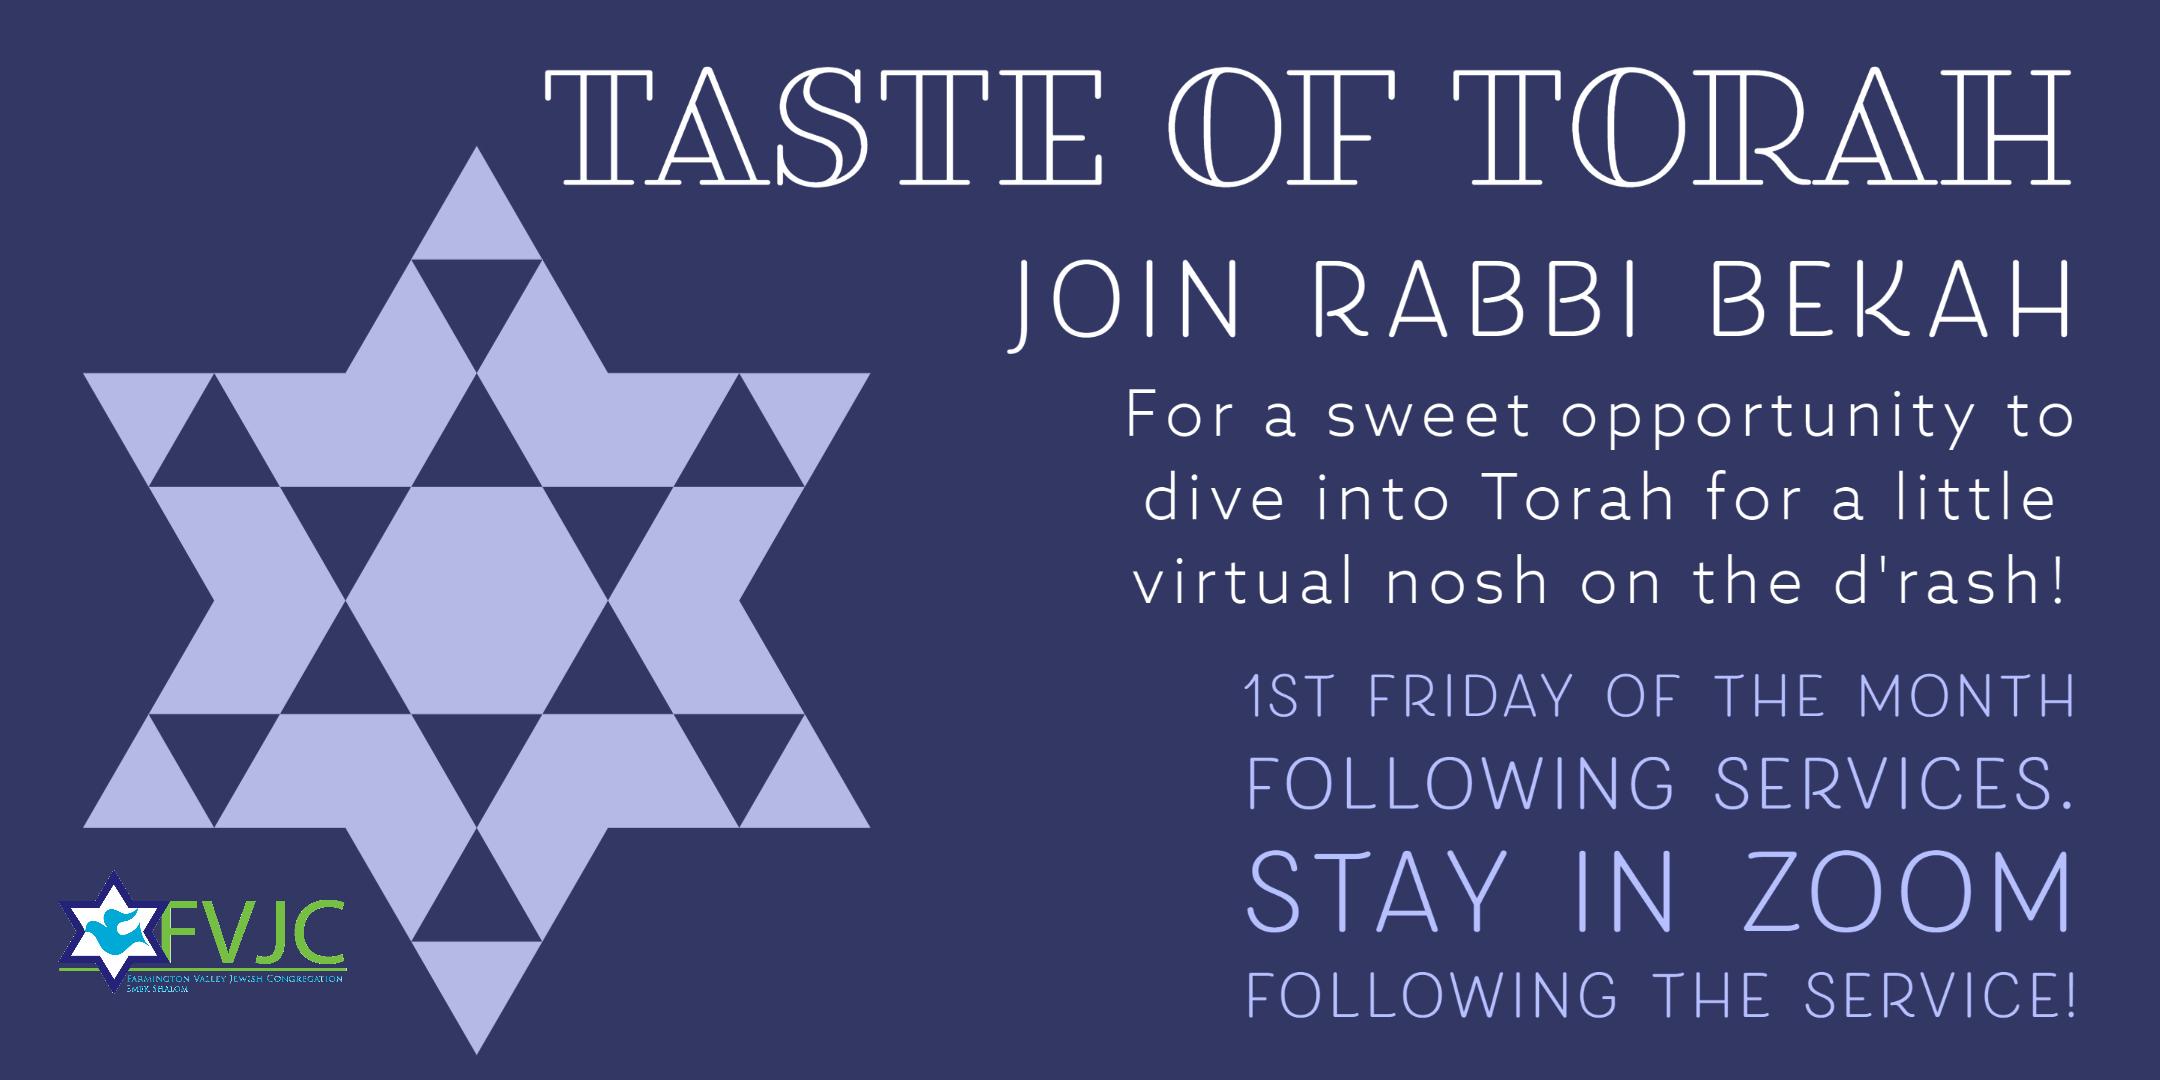 Taste of Torah website